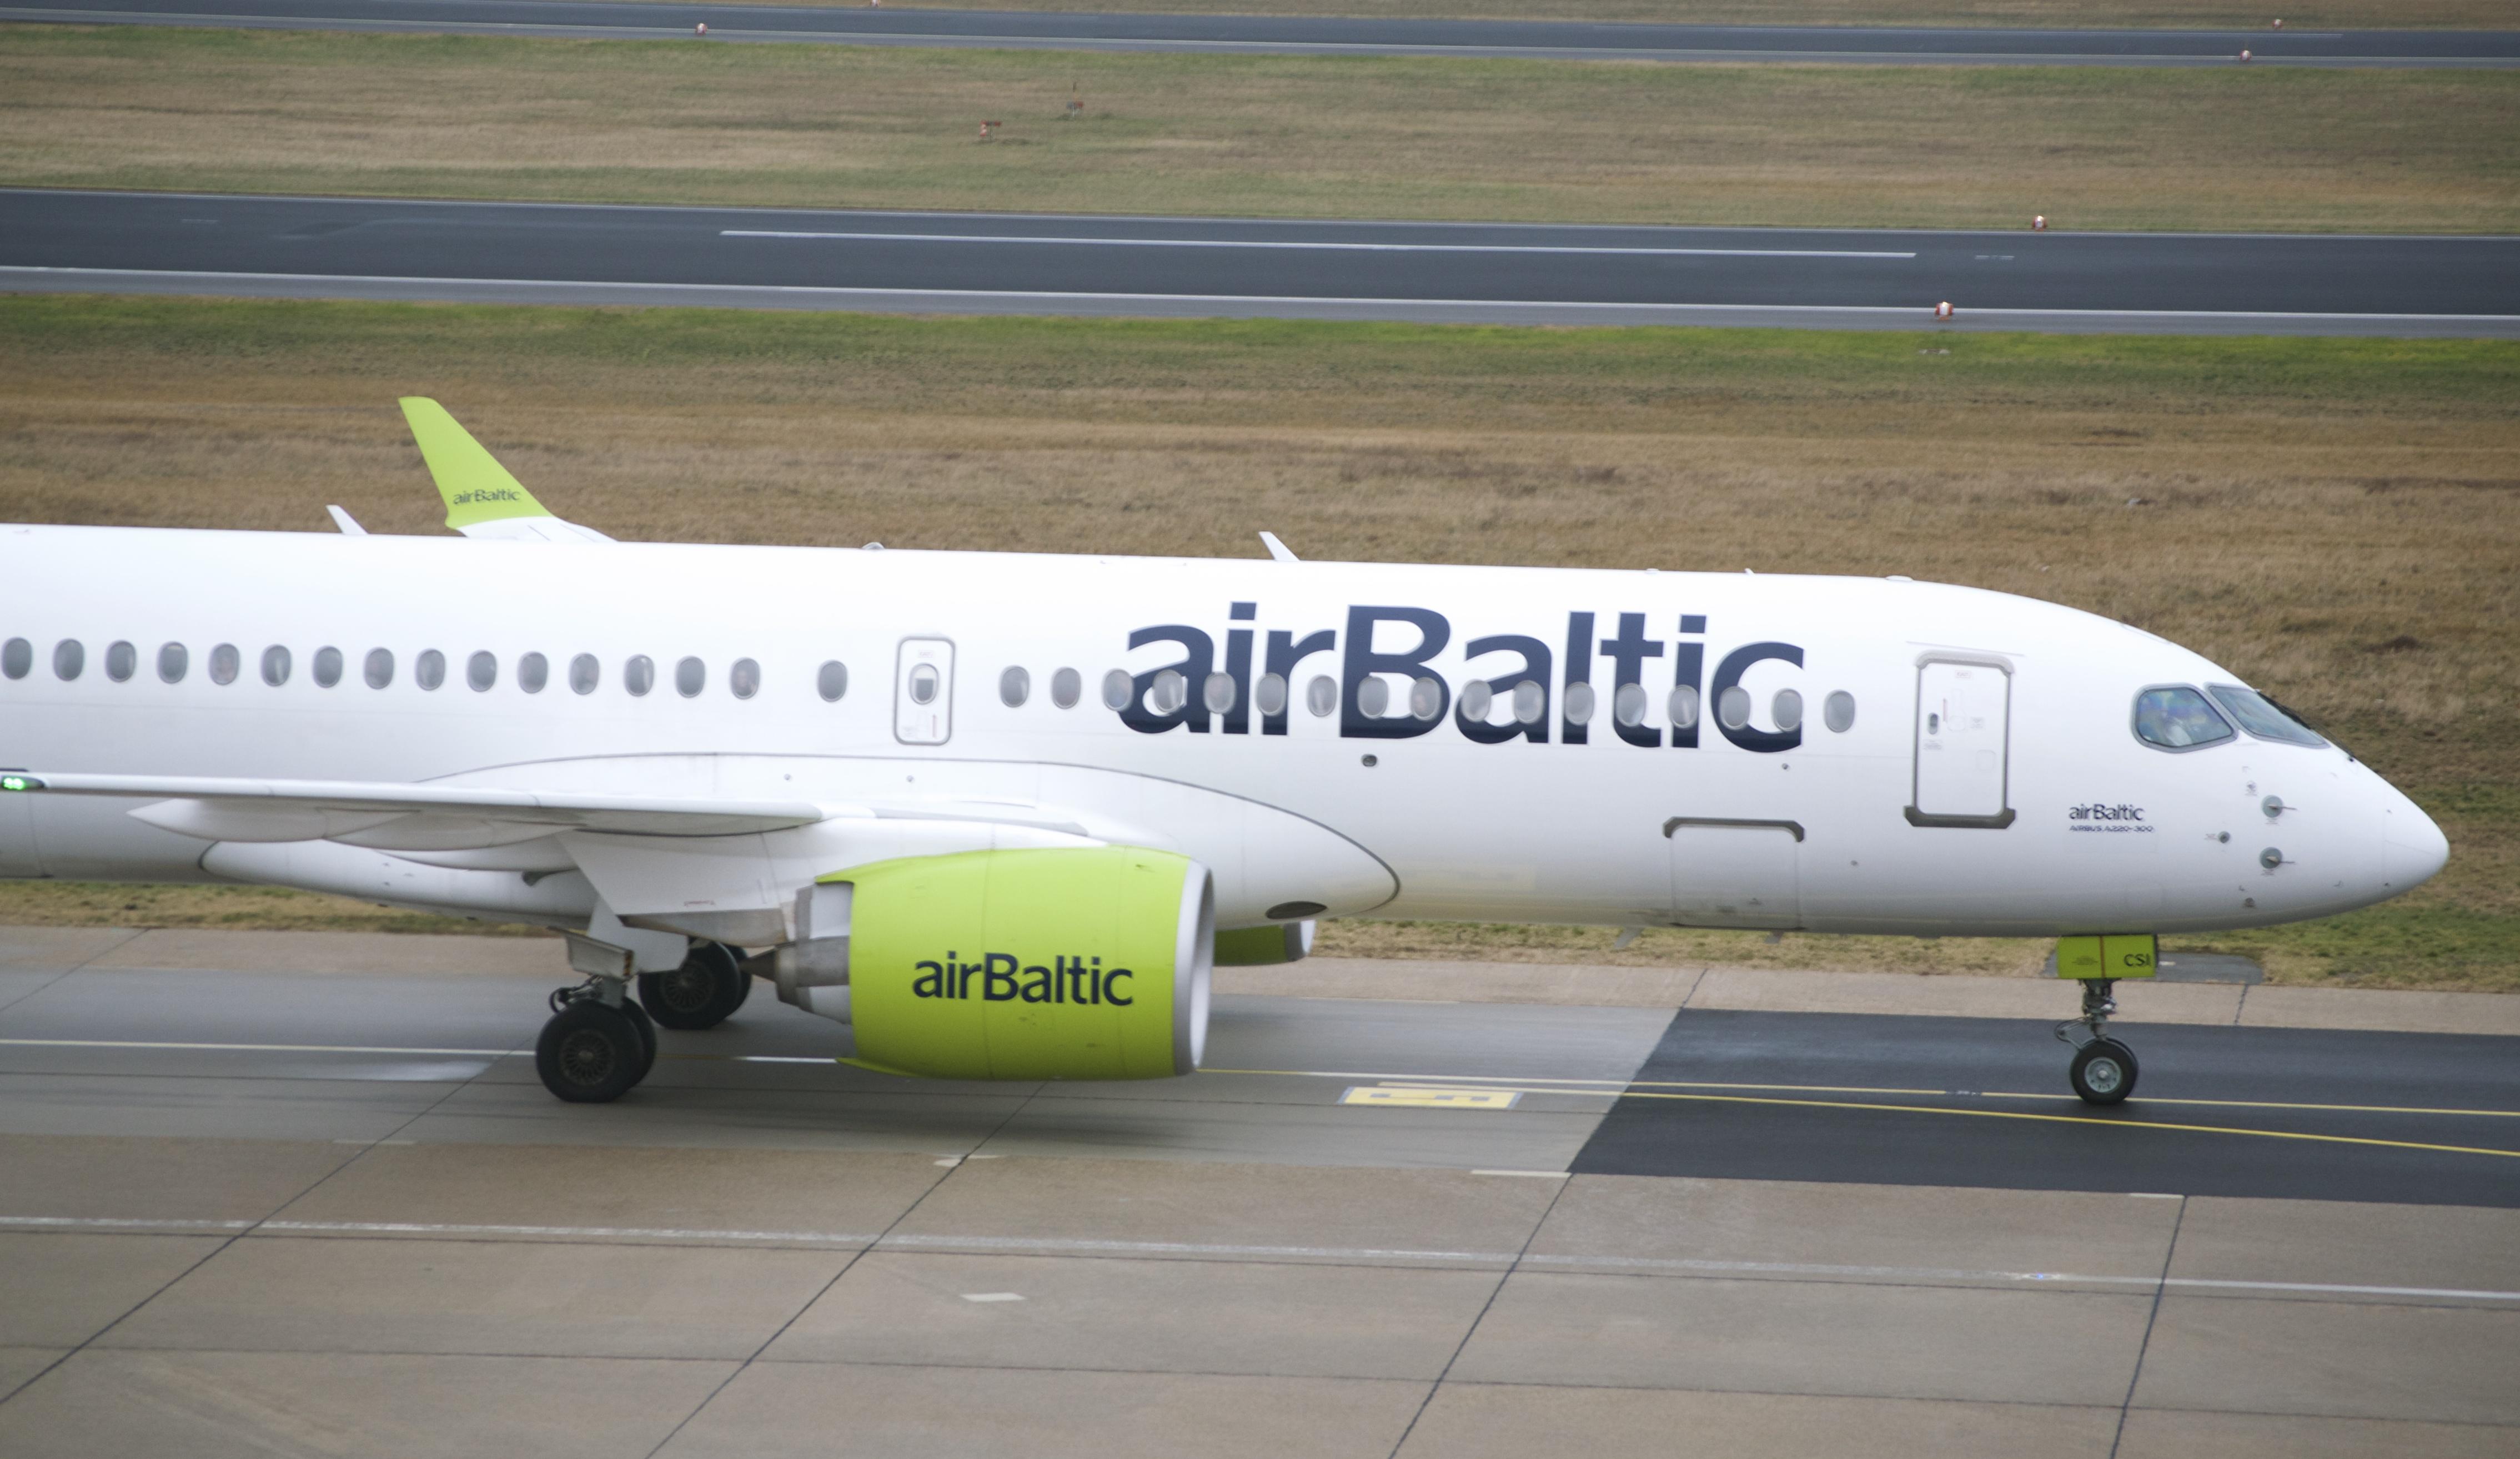 Jetzt den airBaltic Club Status Match beantragen